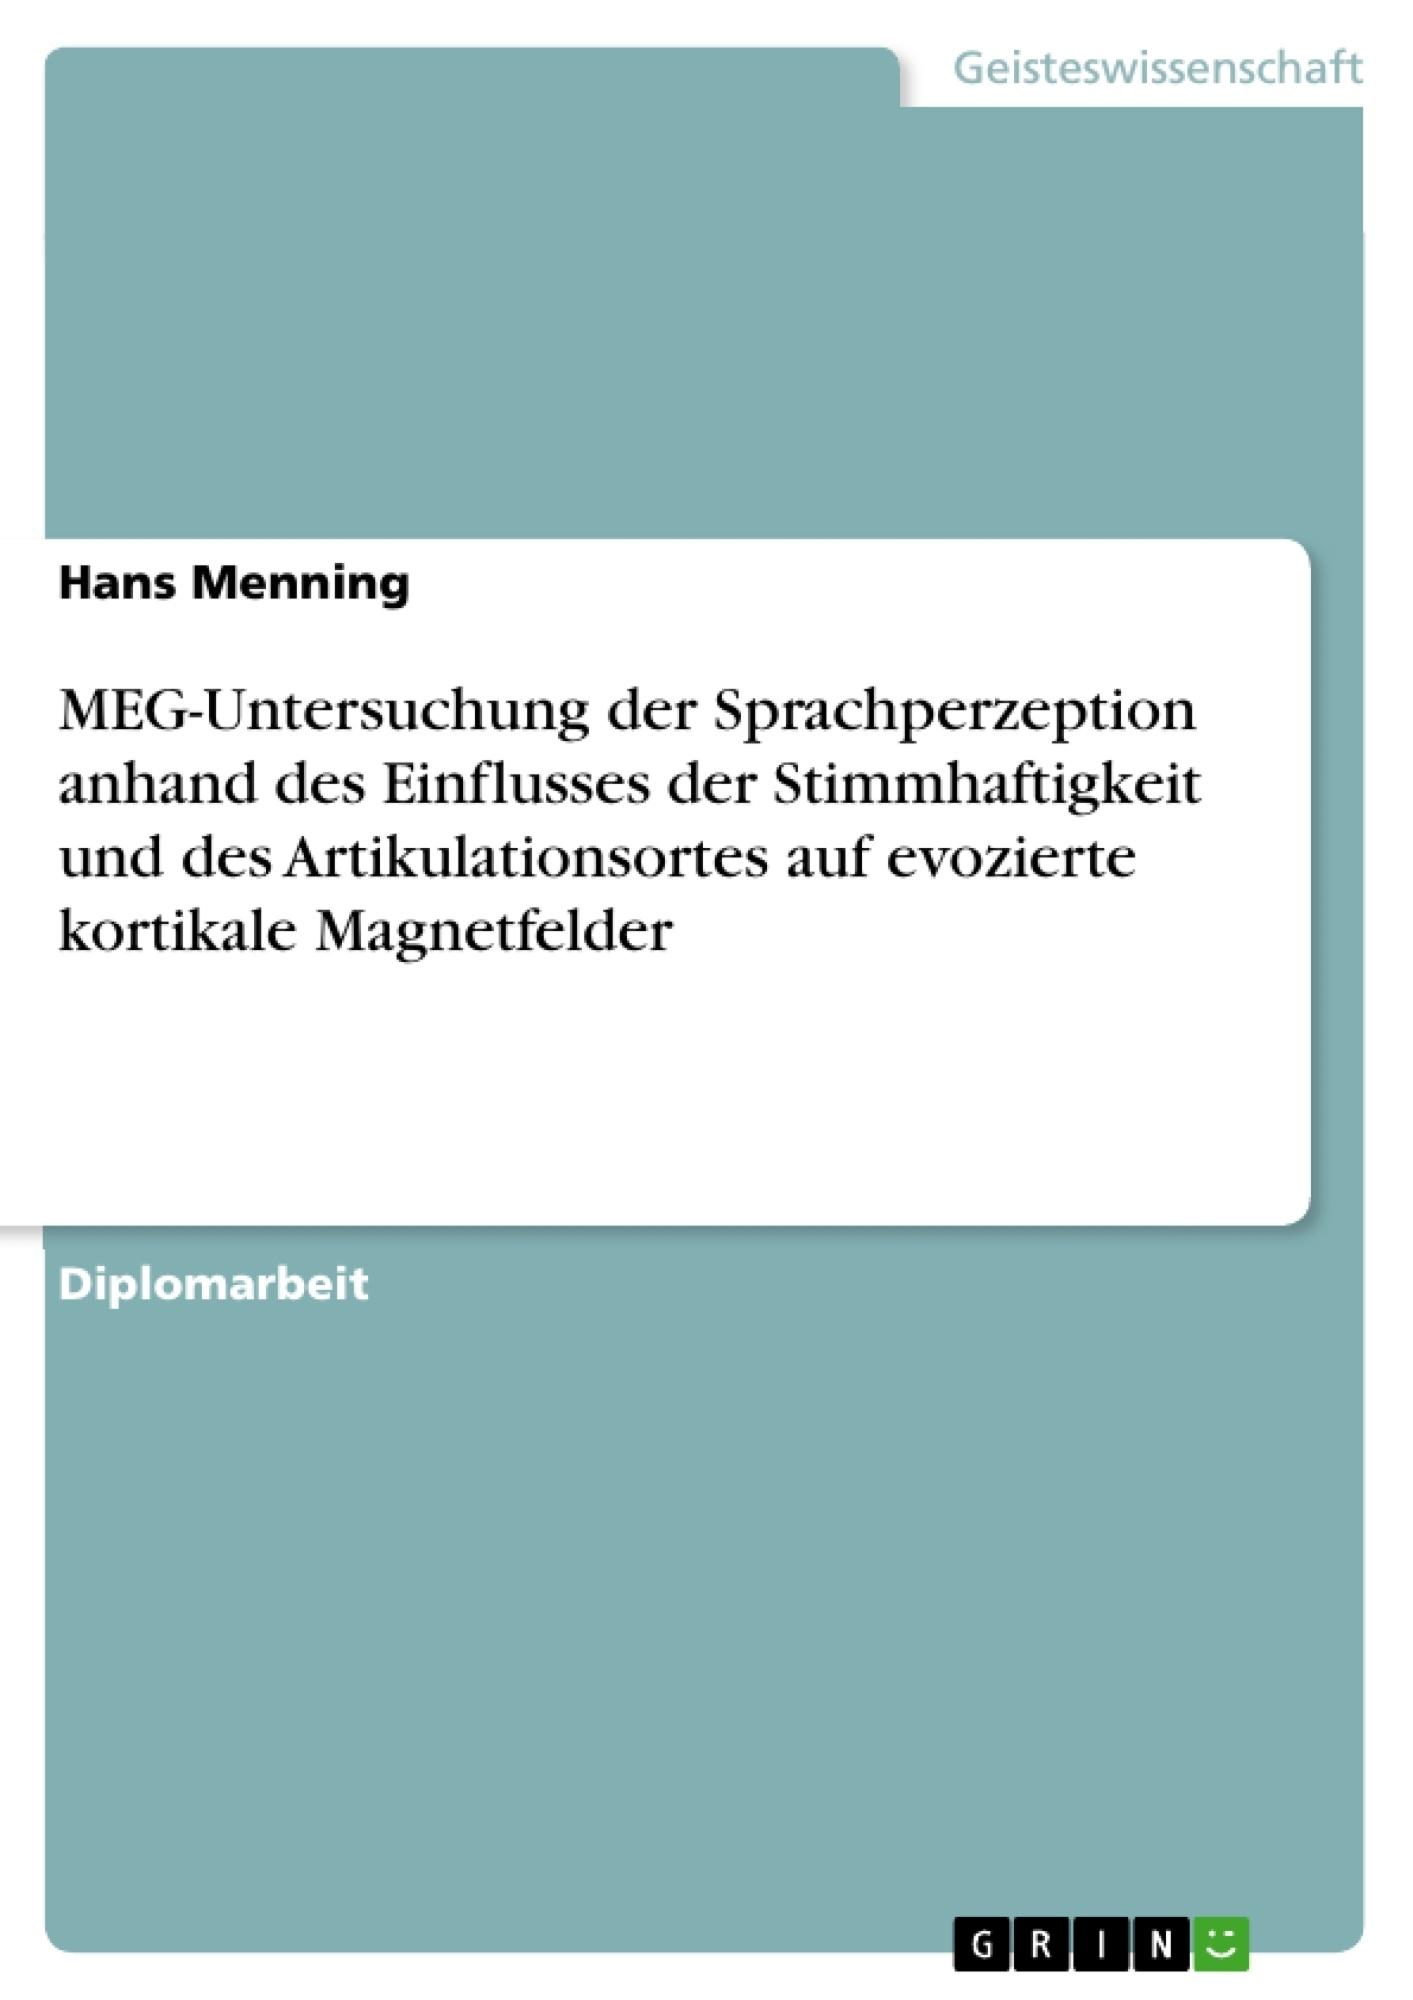 Titel: MEG-Untersuchung der Sprachperzeption anhand des Einflusses der Stimmhaftigkeit und des Artikulationsortes auf evozierte kortikale Magnetfelder